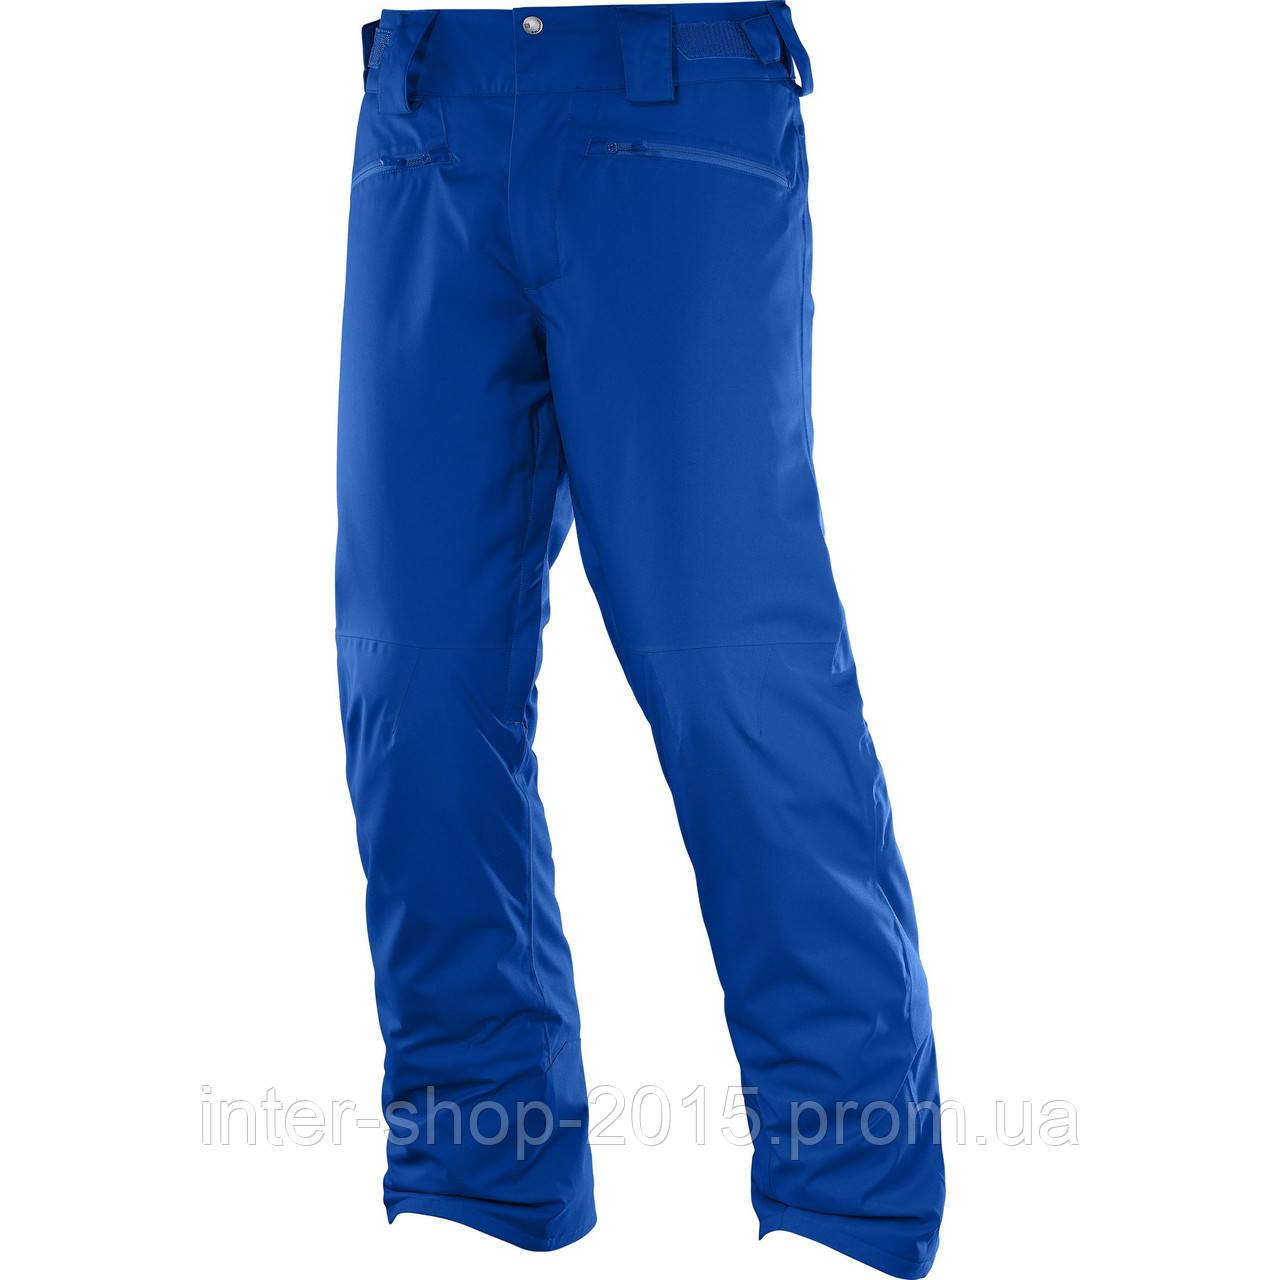 Мужские горнолыжные штаны  Salomon Snowwear Pant Men Enduro Pants